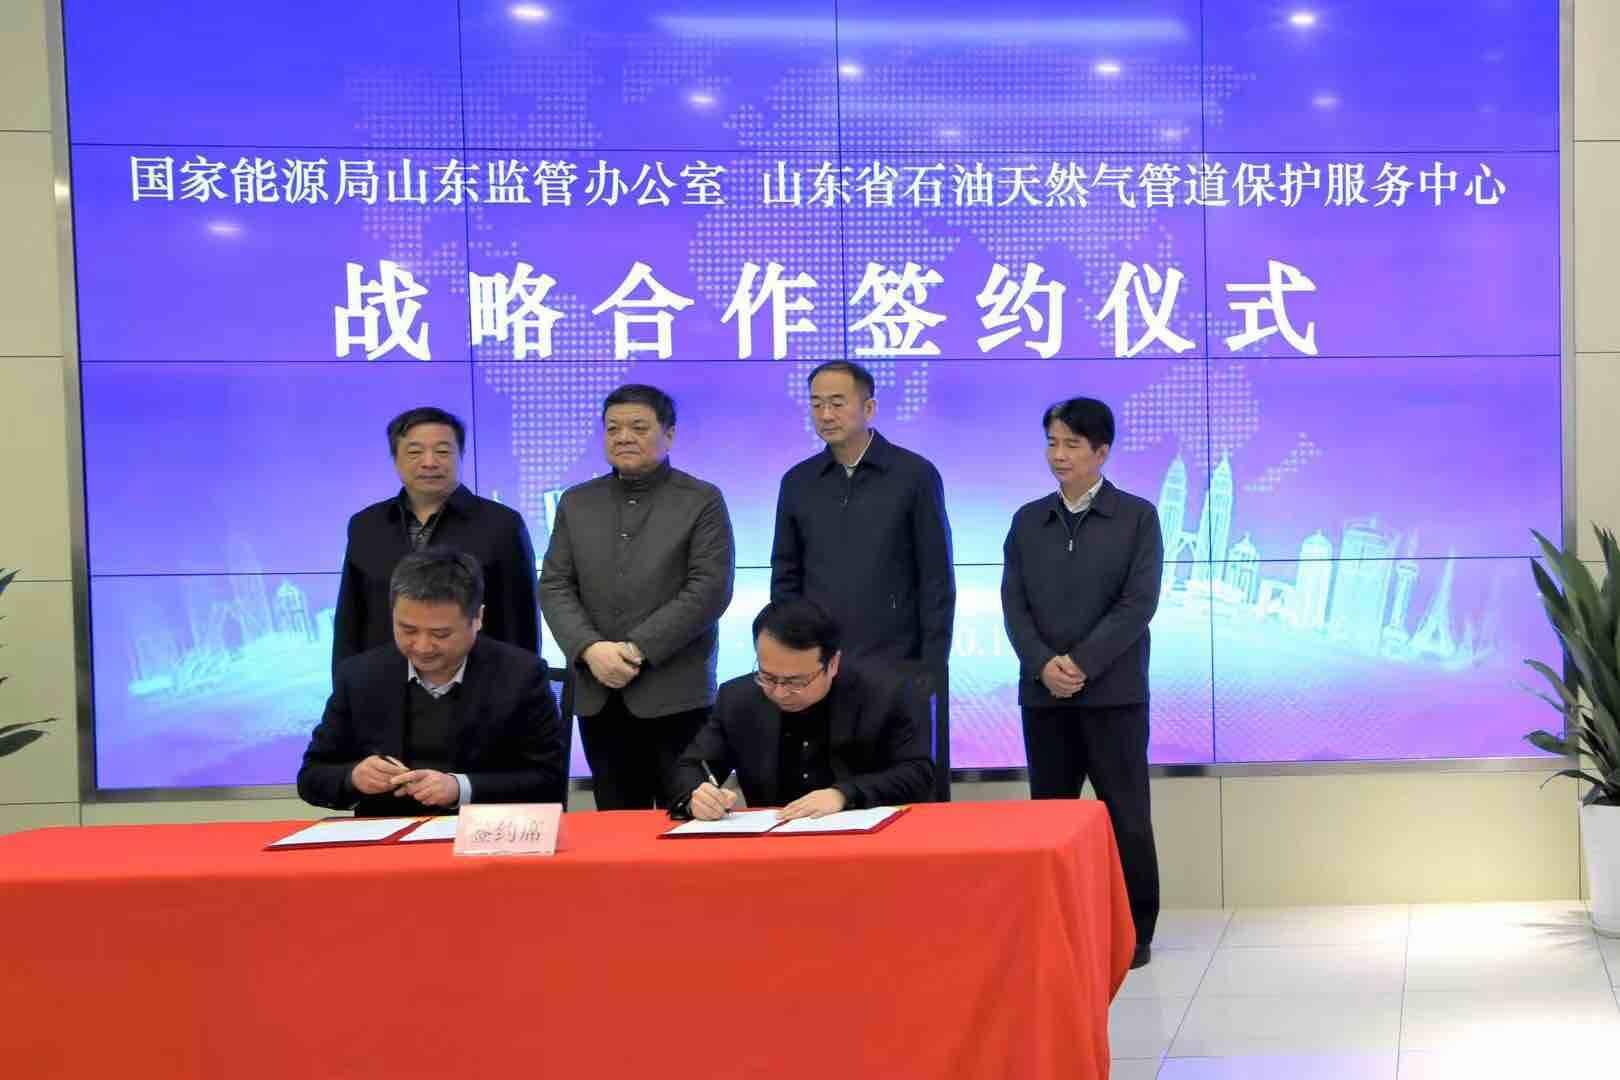 推动能源高质量发展!国家能源局山东监管办与省石油天然气管道保护服务中心签署战略合作